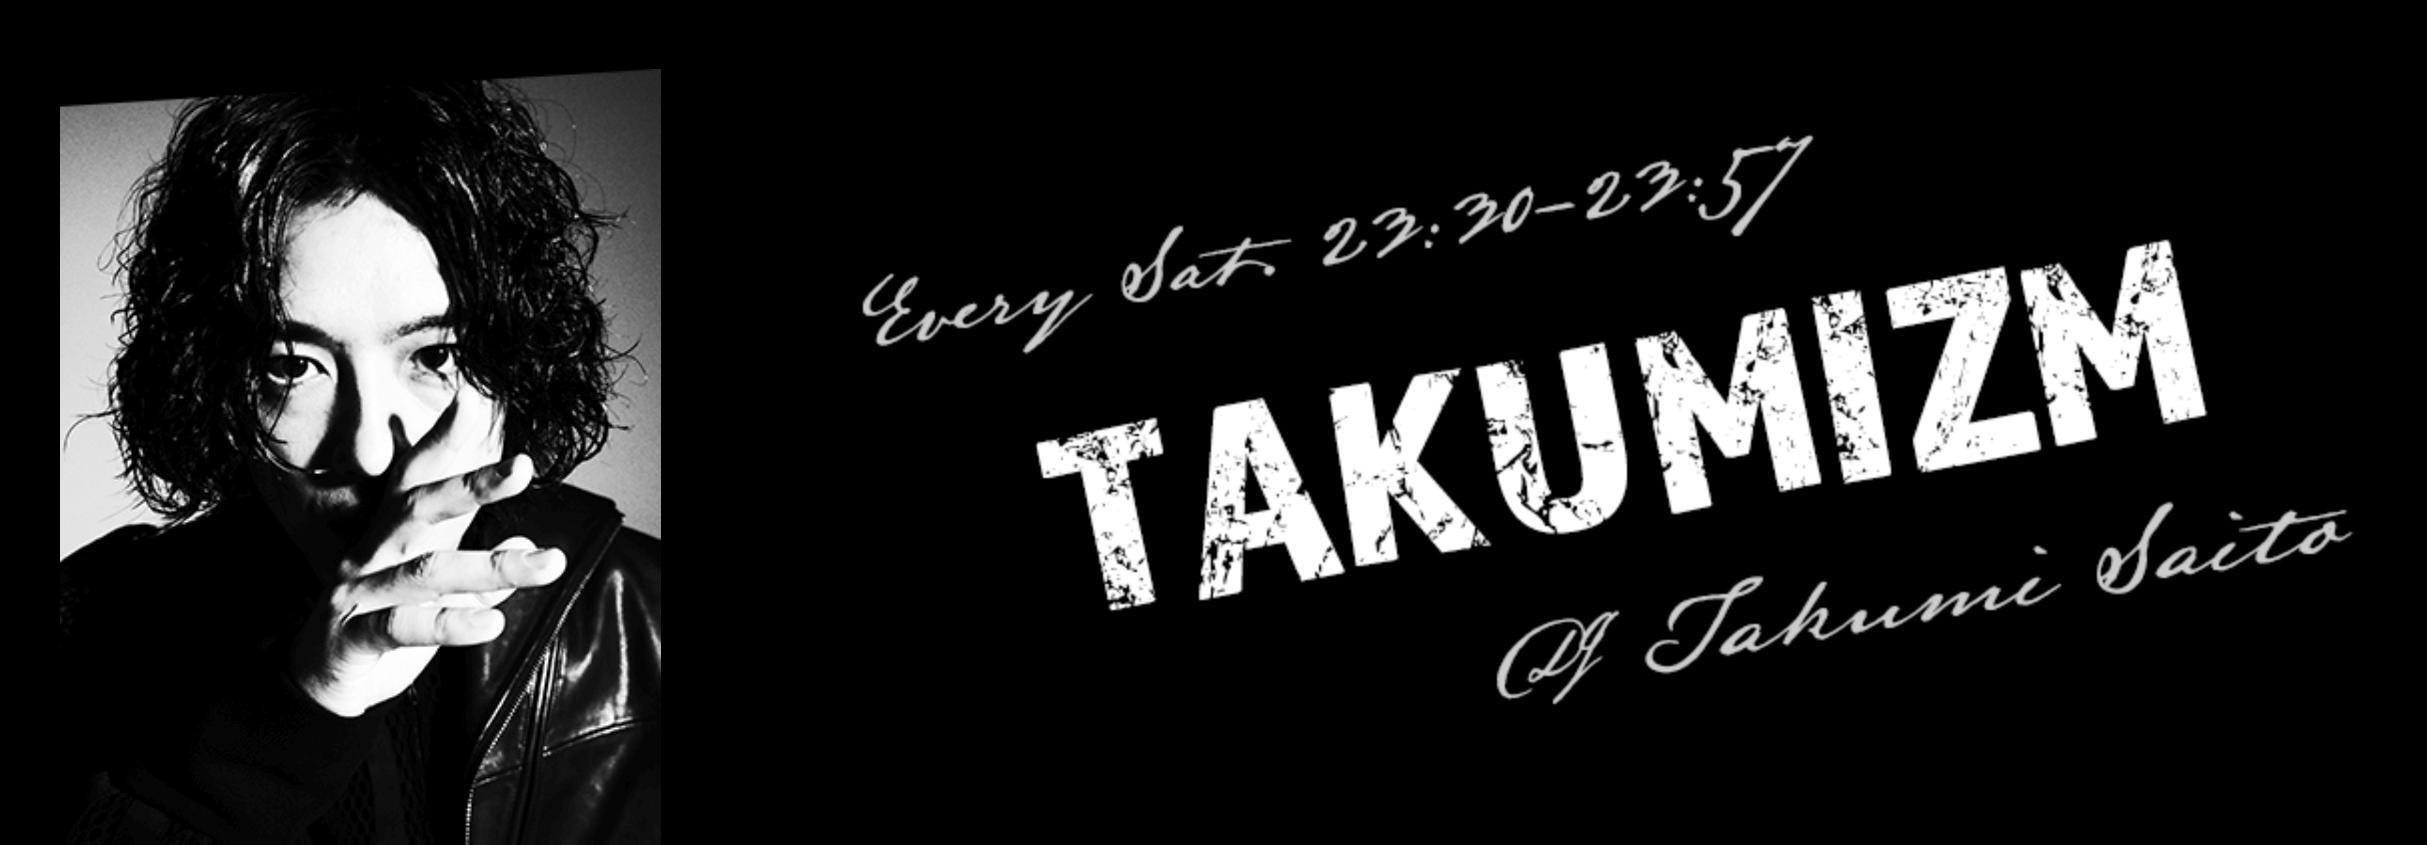 斎藤工 takumizm ラジオ